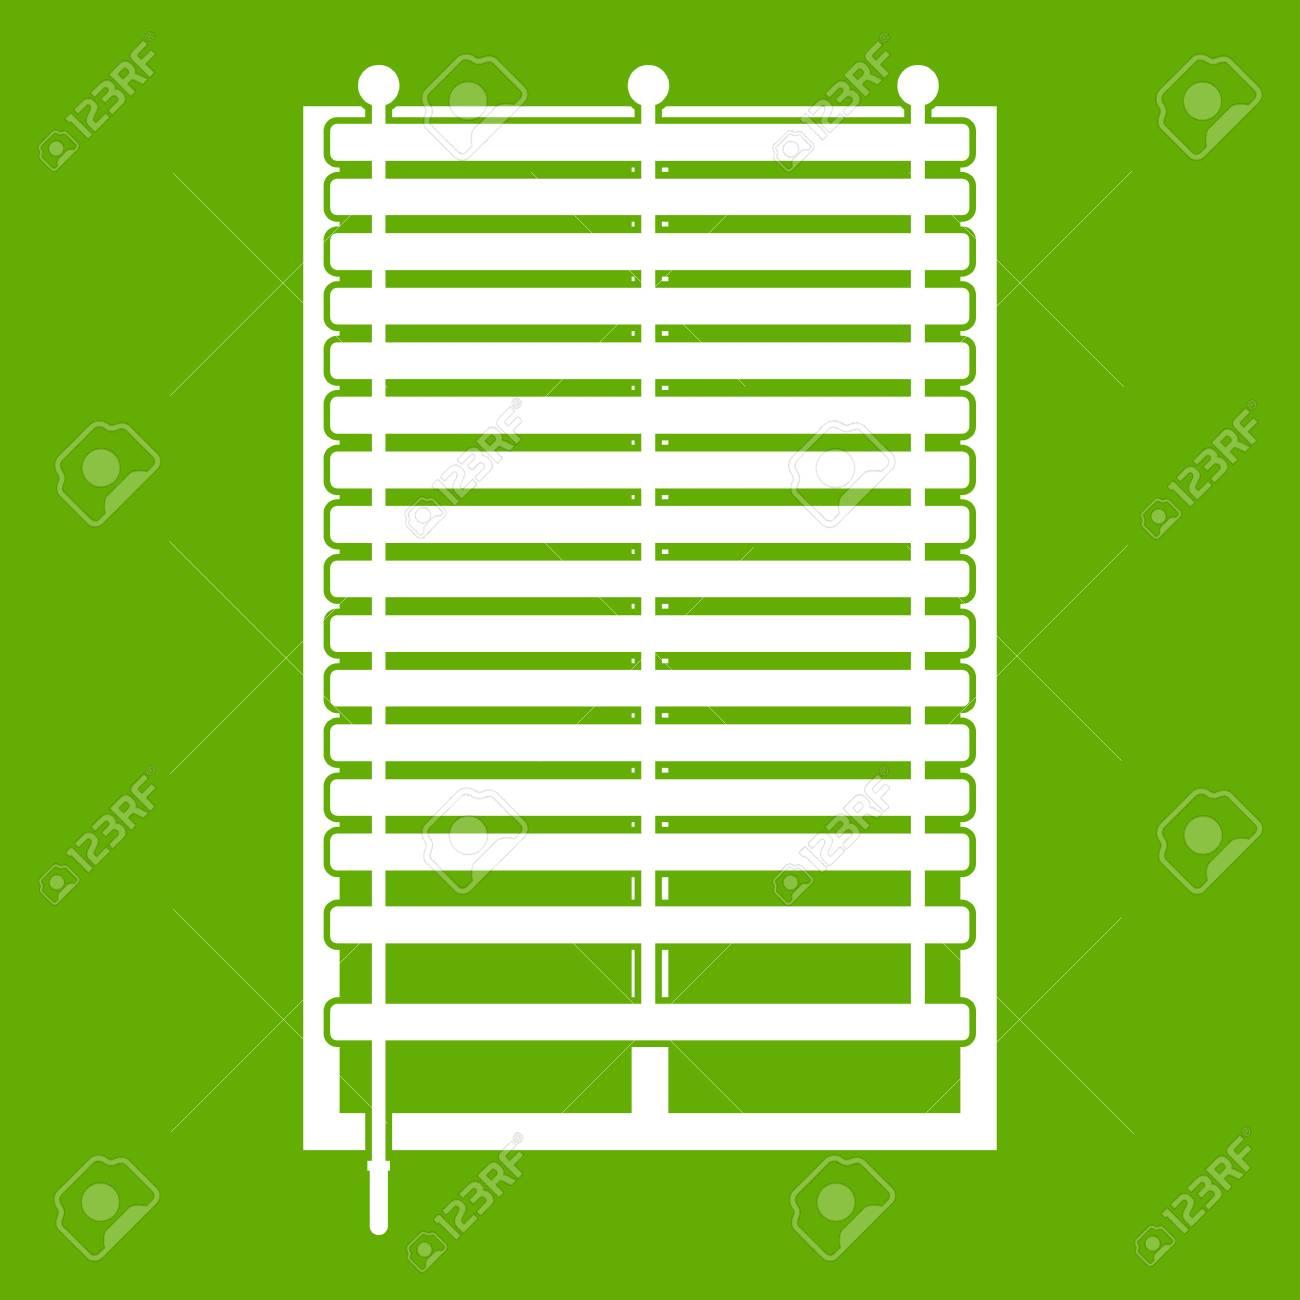 Fenêtre Avec Icône De Jalousie En Bois Blanc Isolé Sur Fond Vert